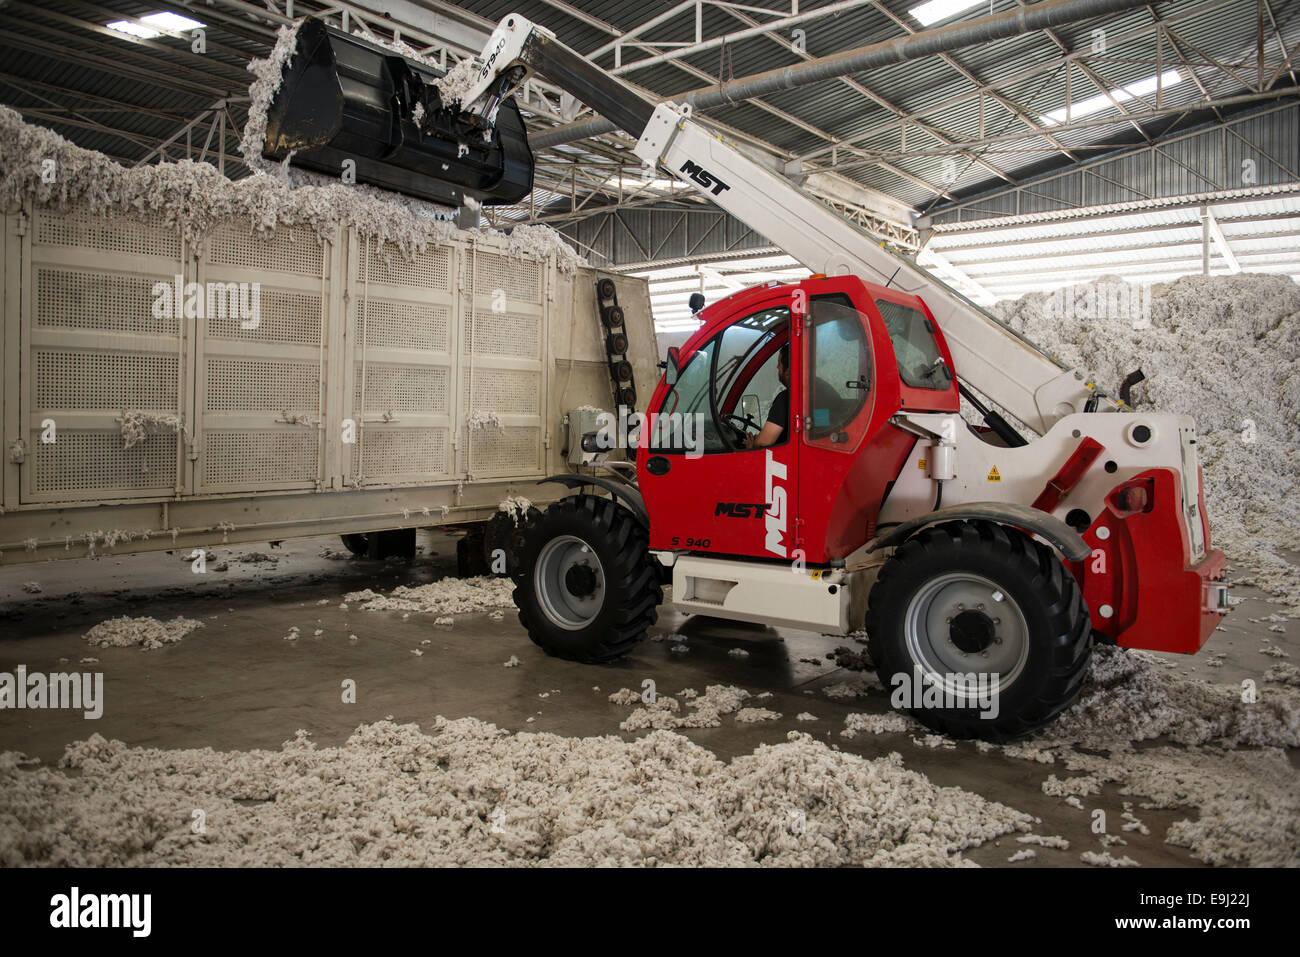 Turquía Menemen, fábrica de desmotado, procesamiento de cosecha de algodón convencional, el suministro Imagen De Stock